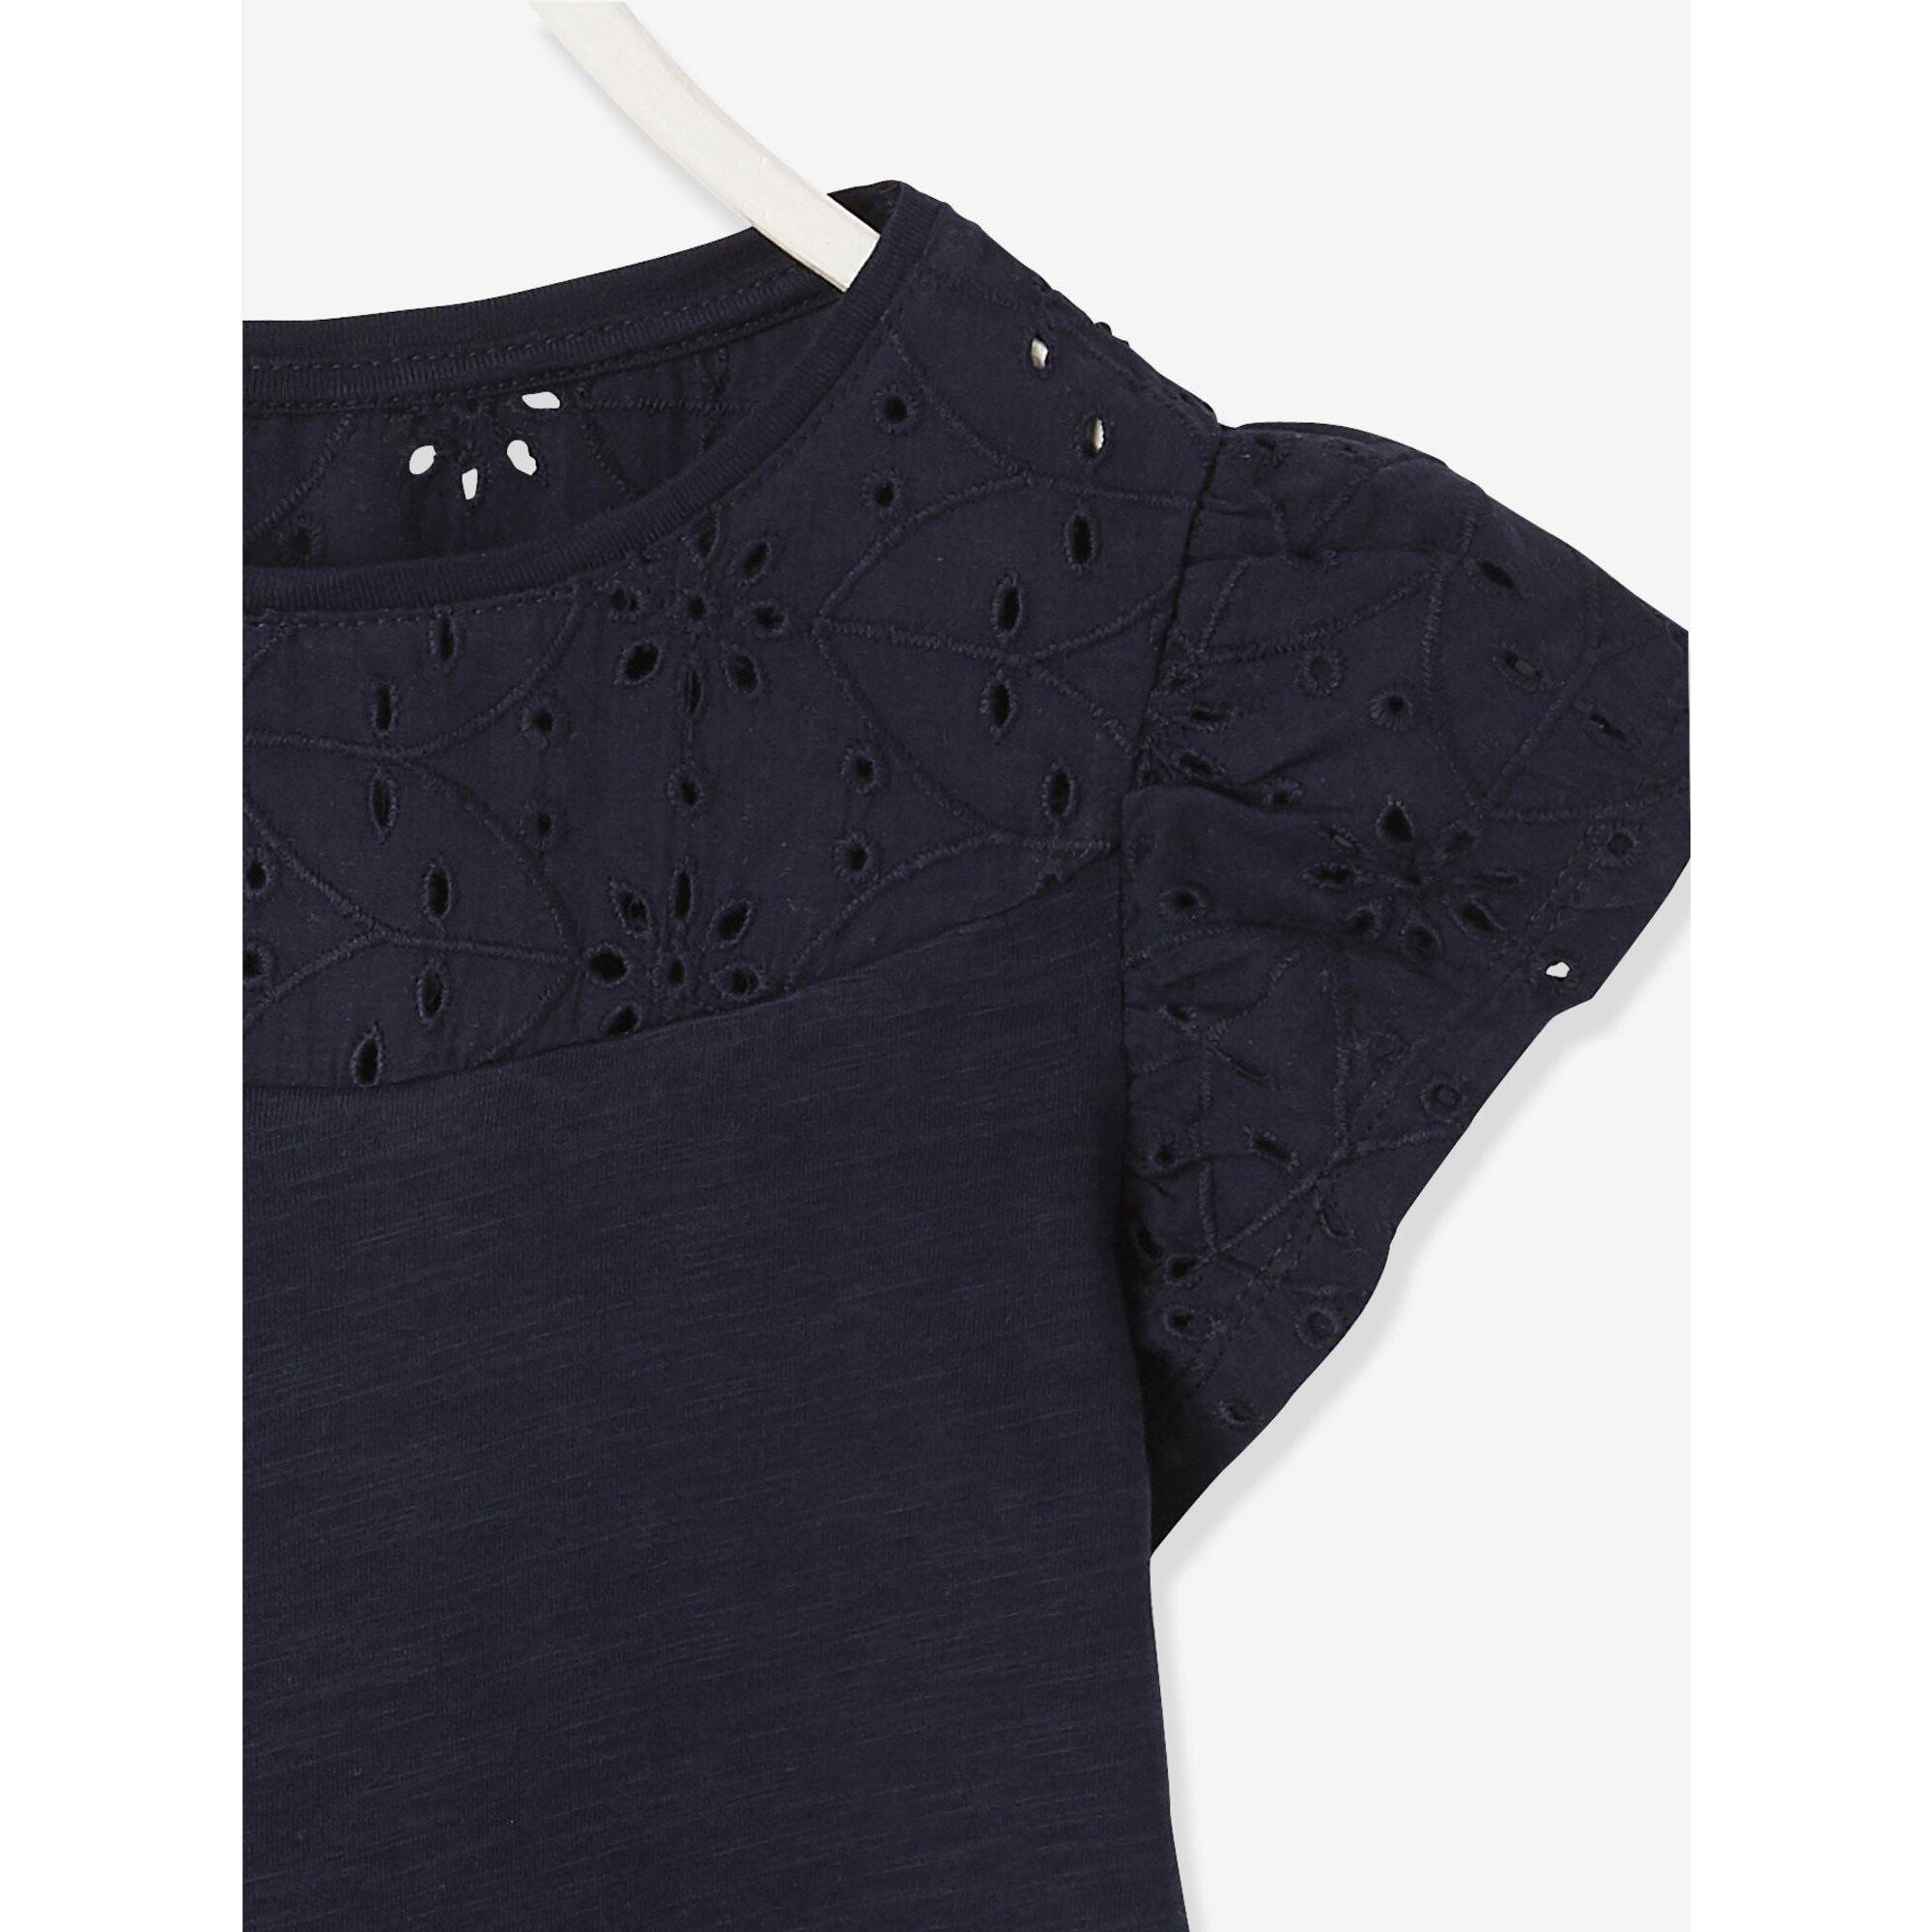 vertbaudet-t-shirt-mit-volantarmeln-und-lochstickerei